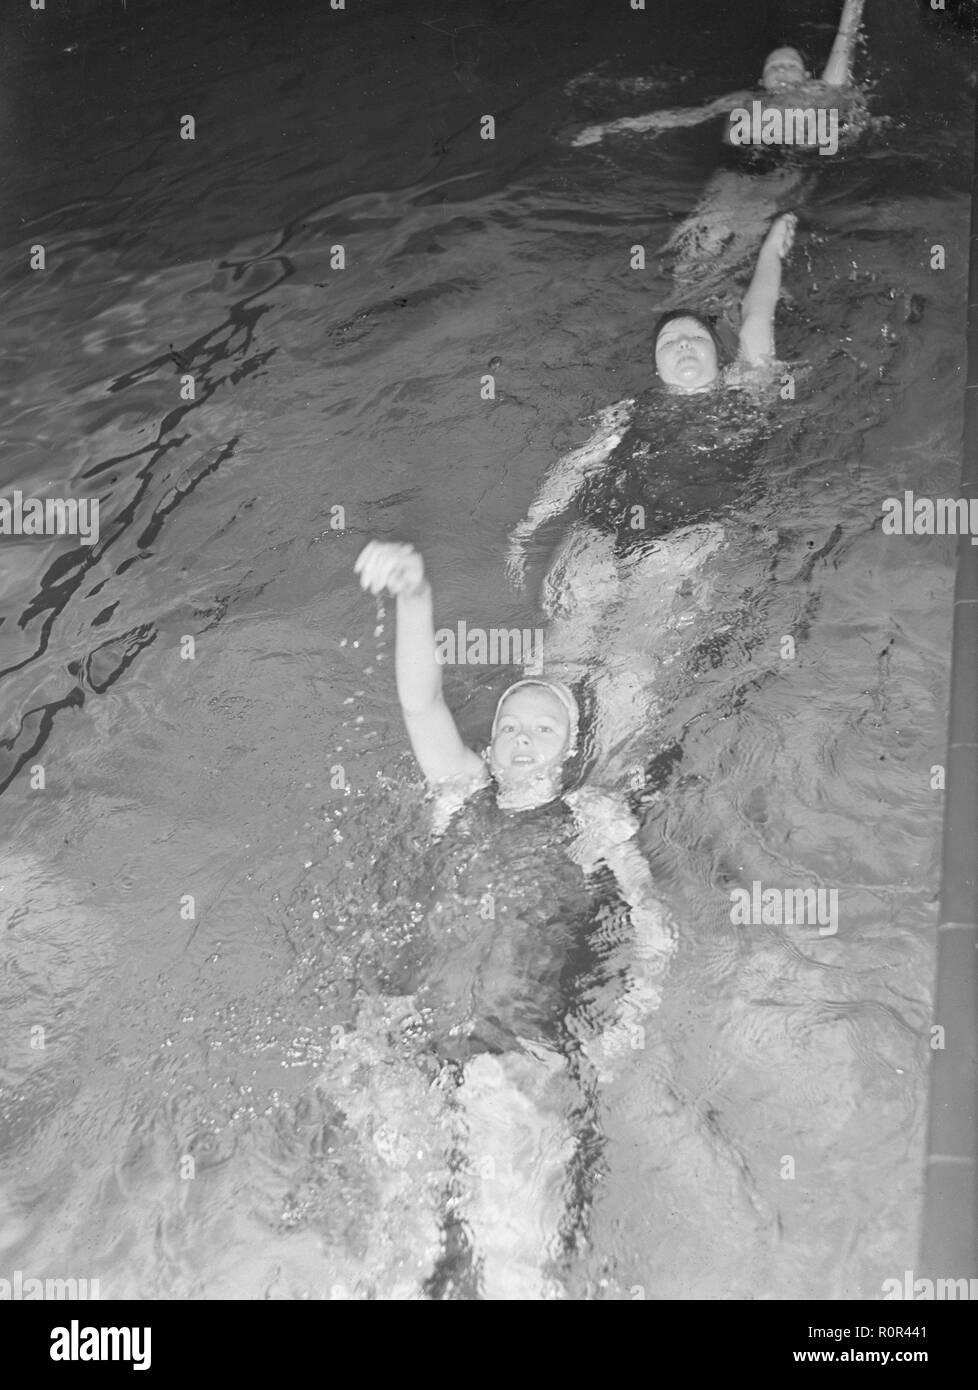 Schwimmen Praxis in den 1940er Jahren. Drei junge Frauen üben Rückenschwimmen schwimmen. März 1940 Schweden Foto Kristoffersson ref 83-2 Stockbild